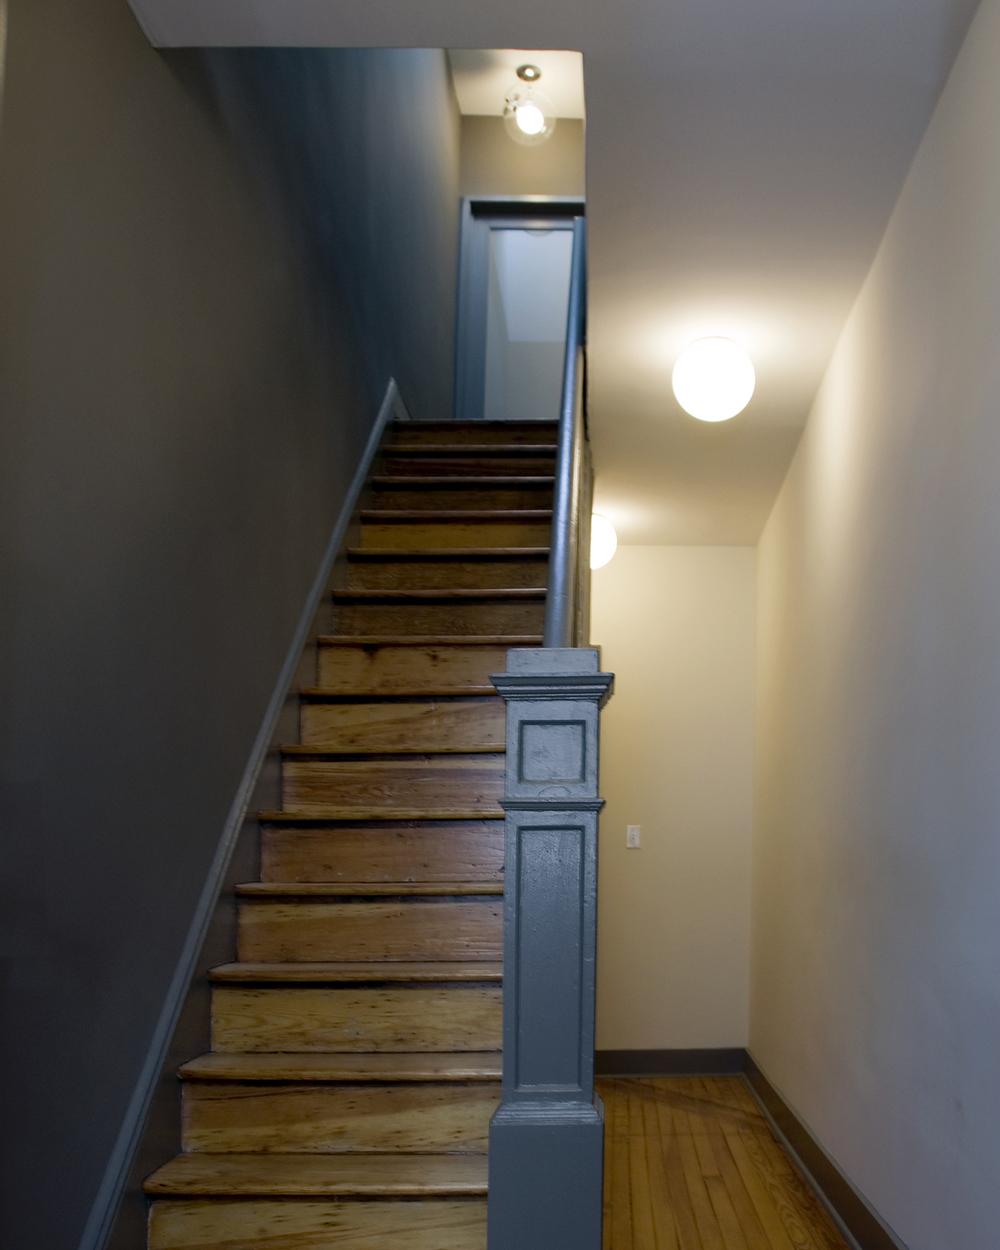 01_DK_Entry-Stair.jpg